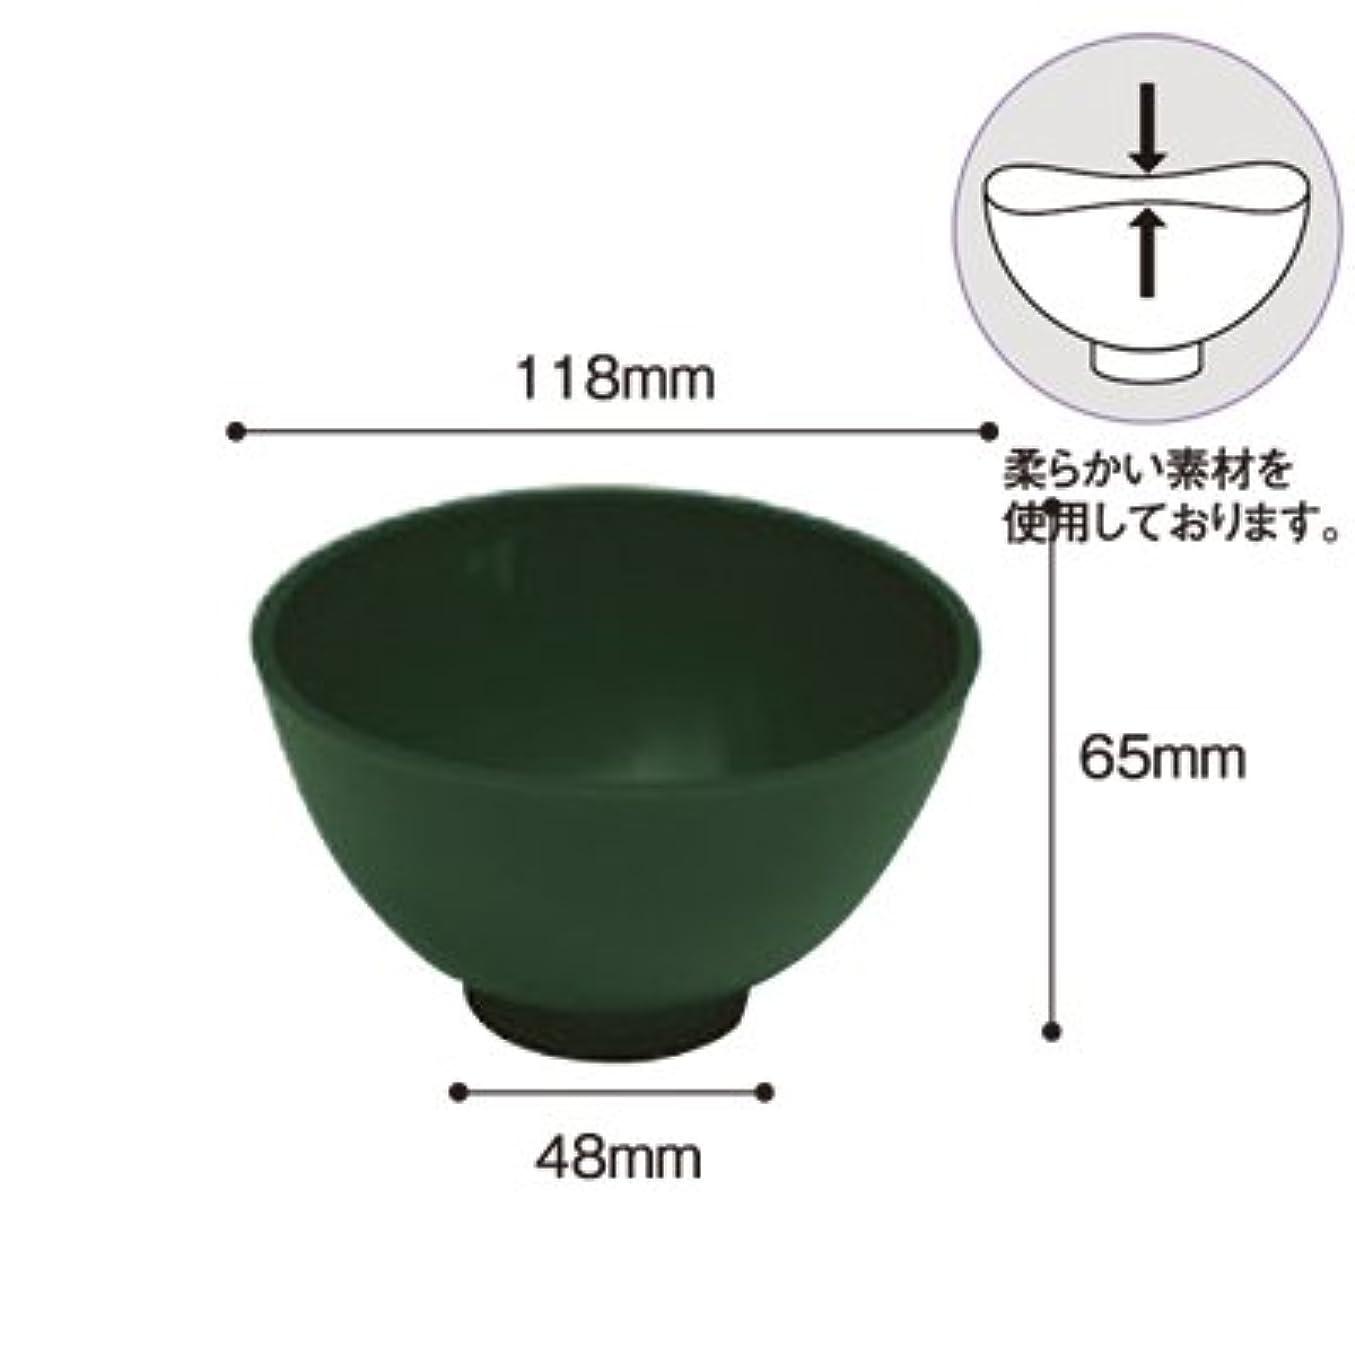 遺棄された主観的耐えられる(ロータス)LOTUS ラバーボウル エステ サロン 割れない カップ 歯科 Mサイズ (直径:127mm)グリーン